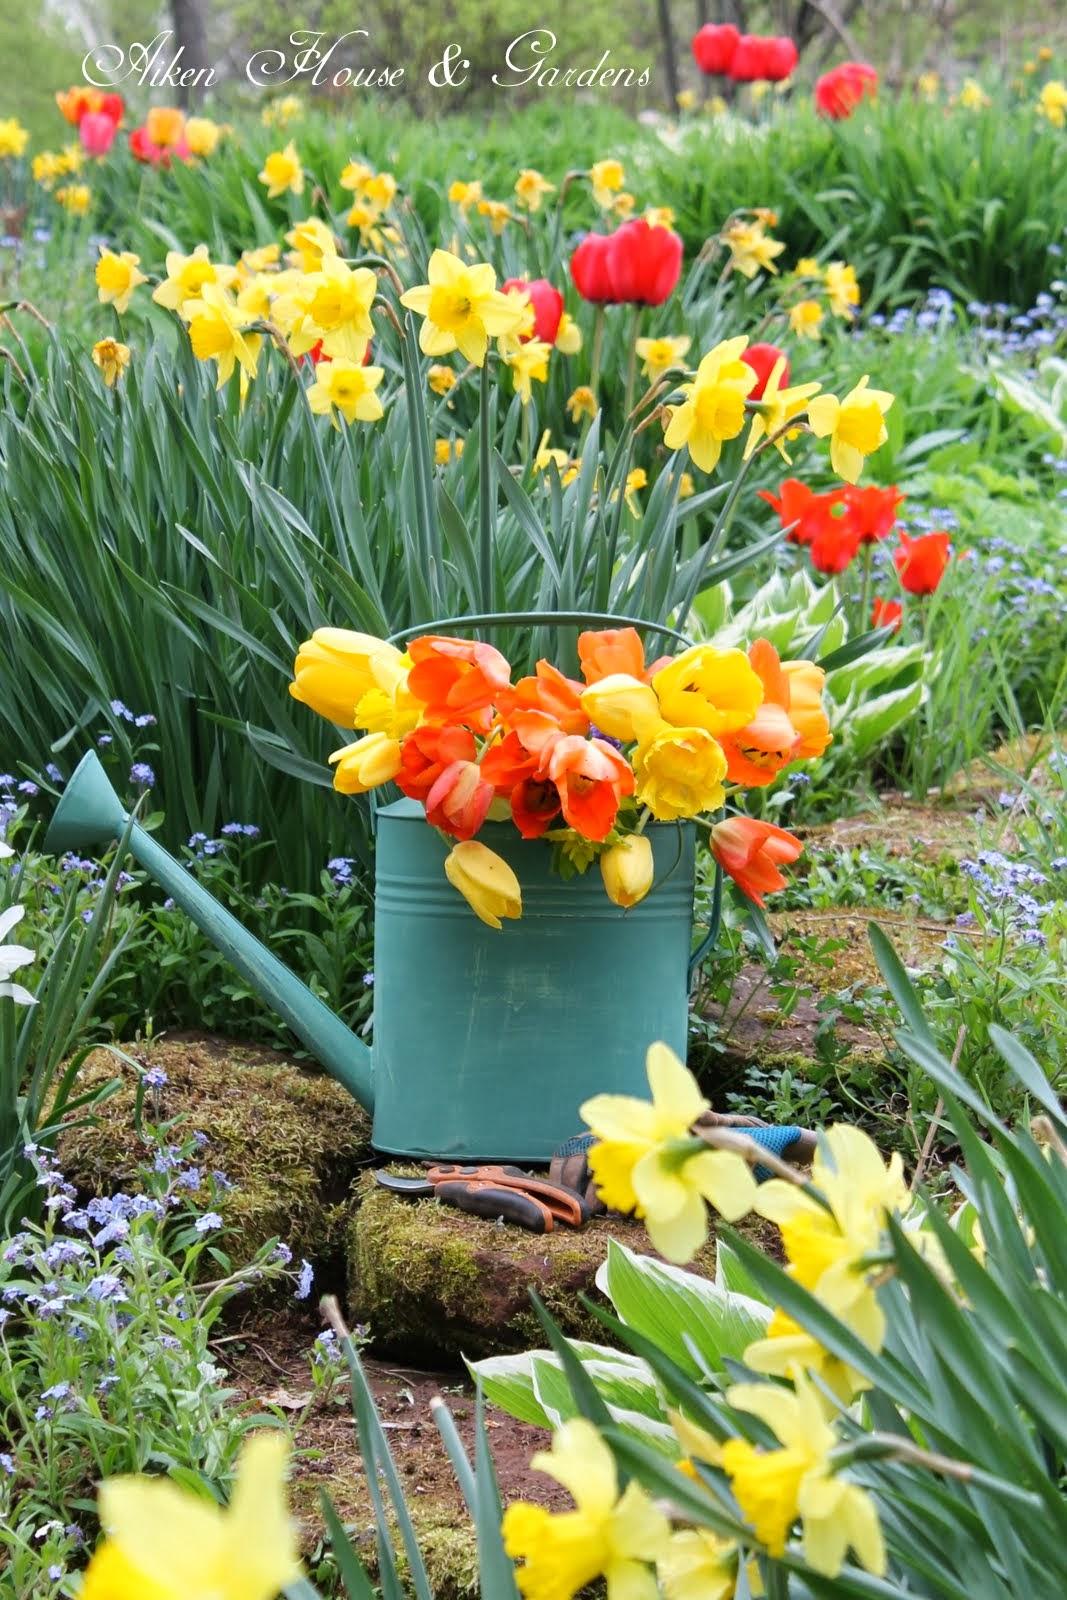 aiken house u0026 gardens dreaming of our spring garden